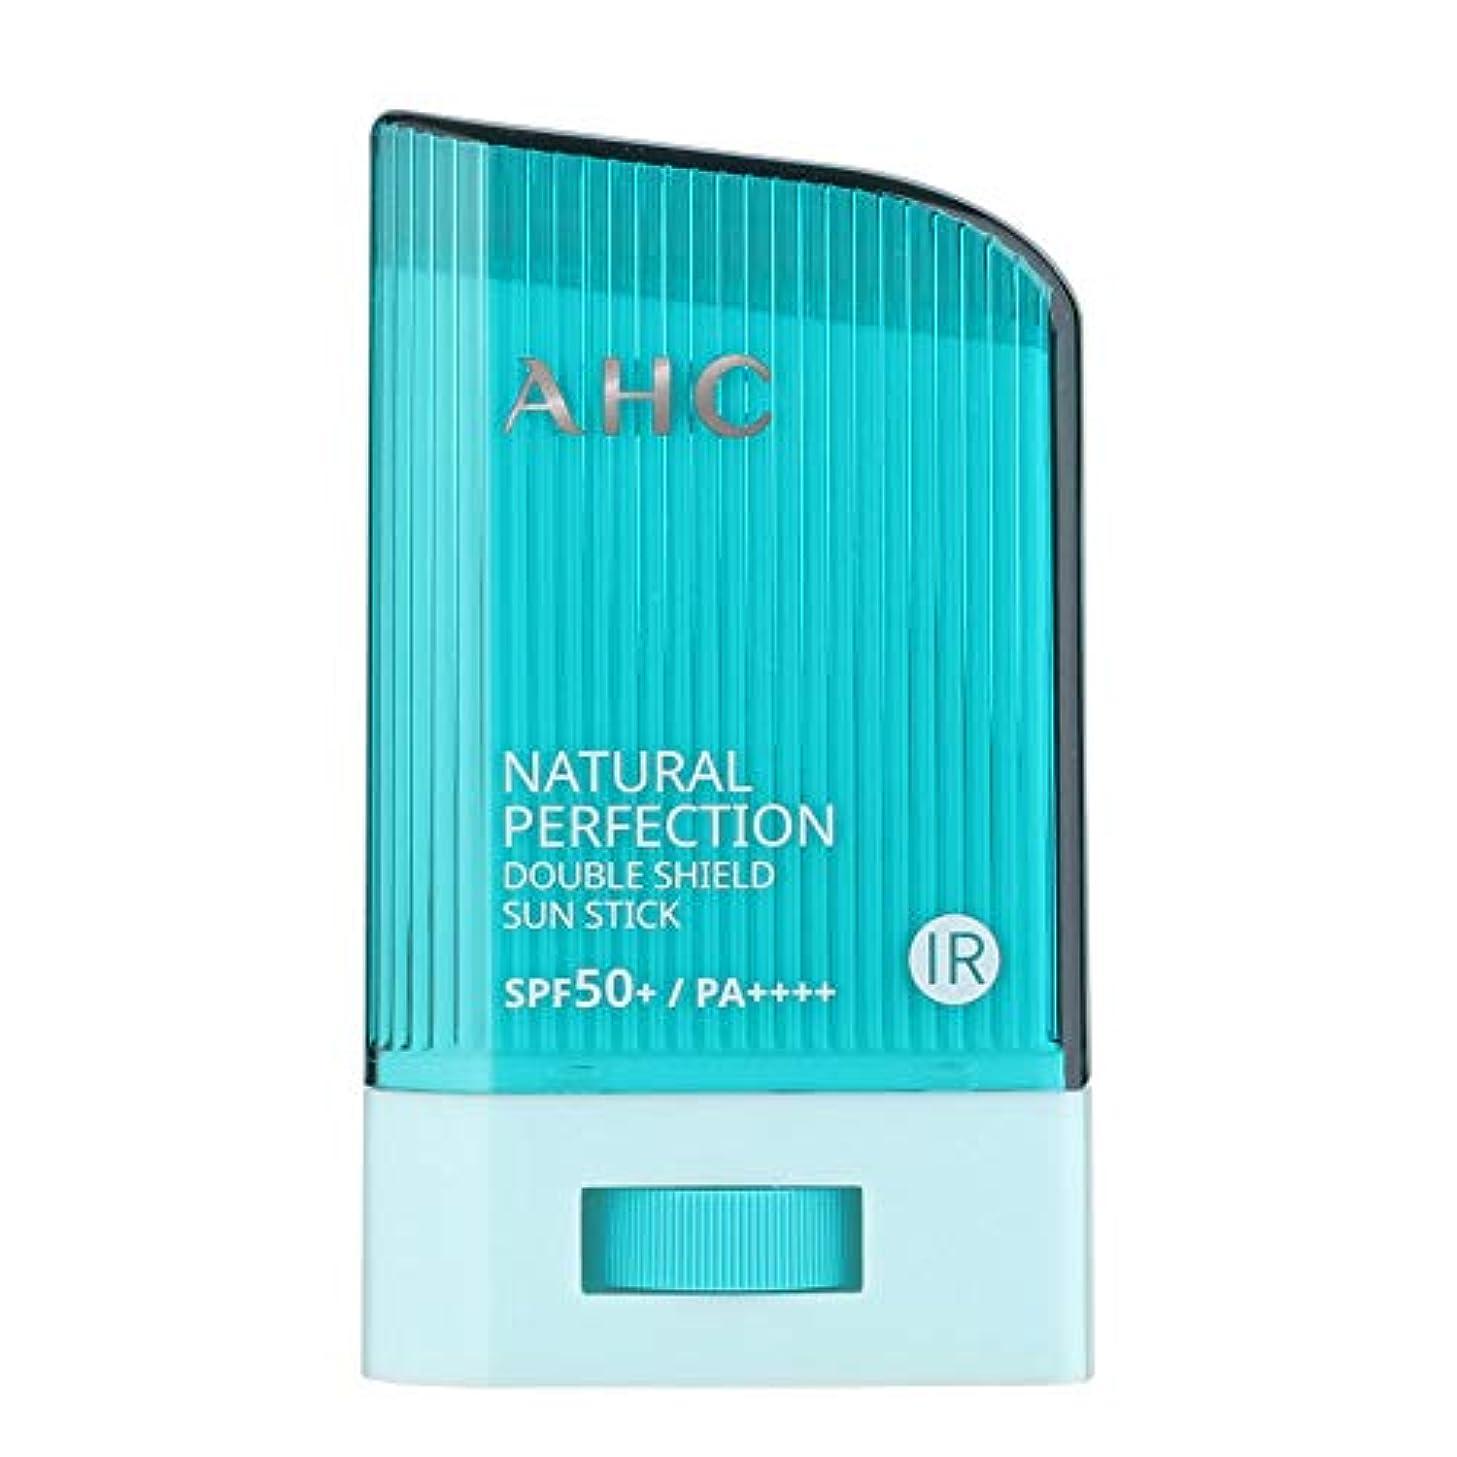 放映毎週床AHC ナチュラルパーフェクションダブルシールドサンスティック 22g, Natural Perfection Double Shield Sun Stick SPF50+ PA++++